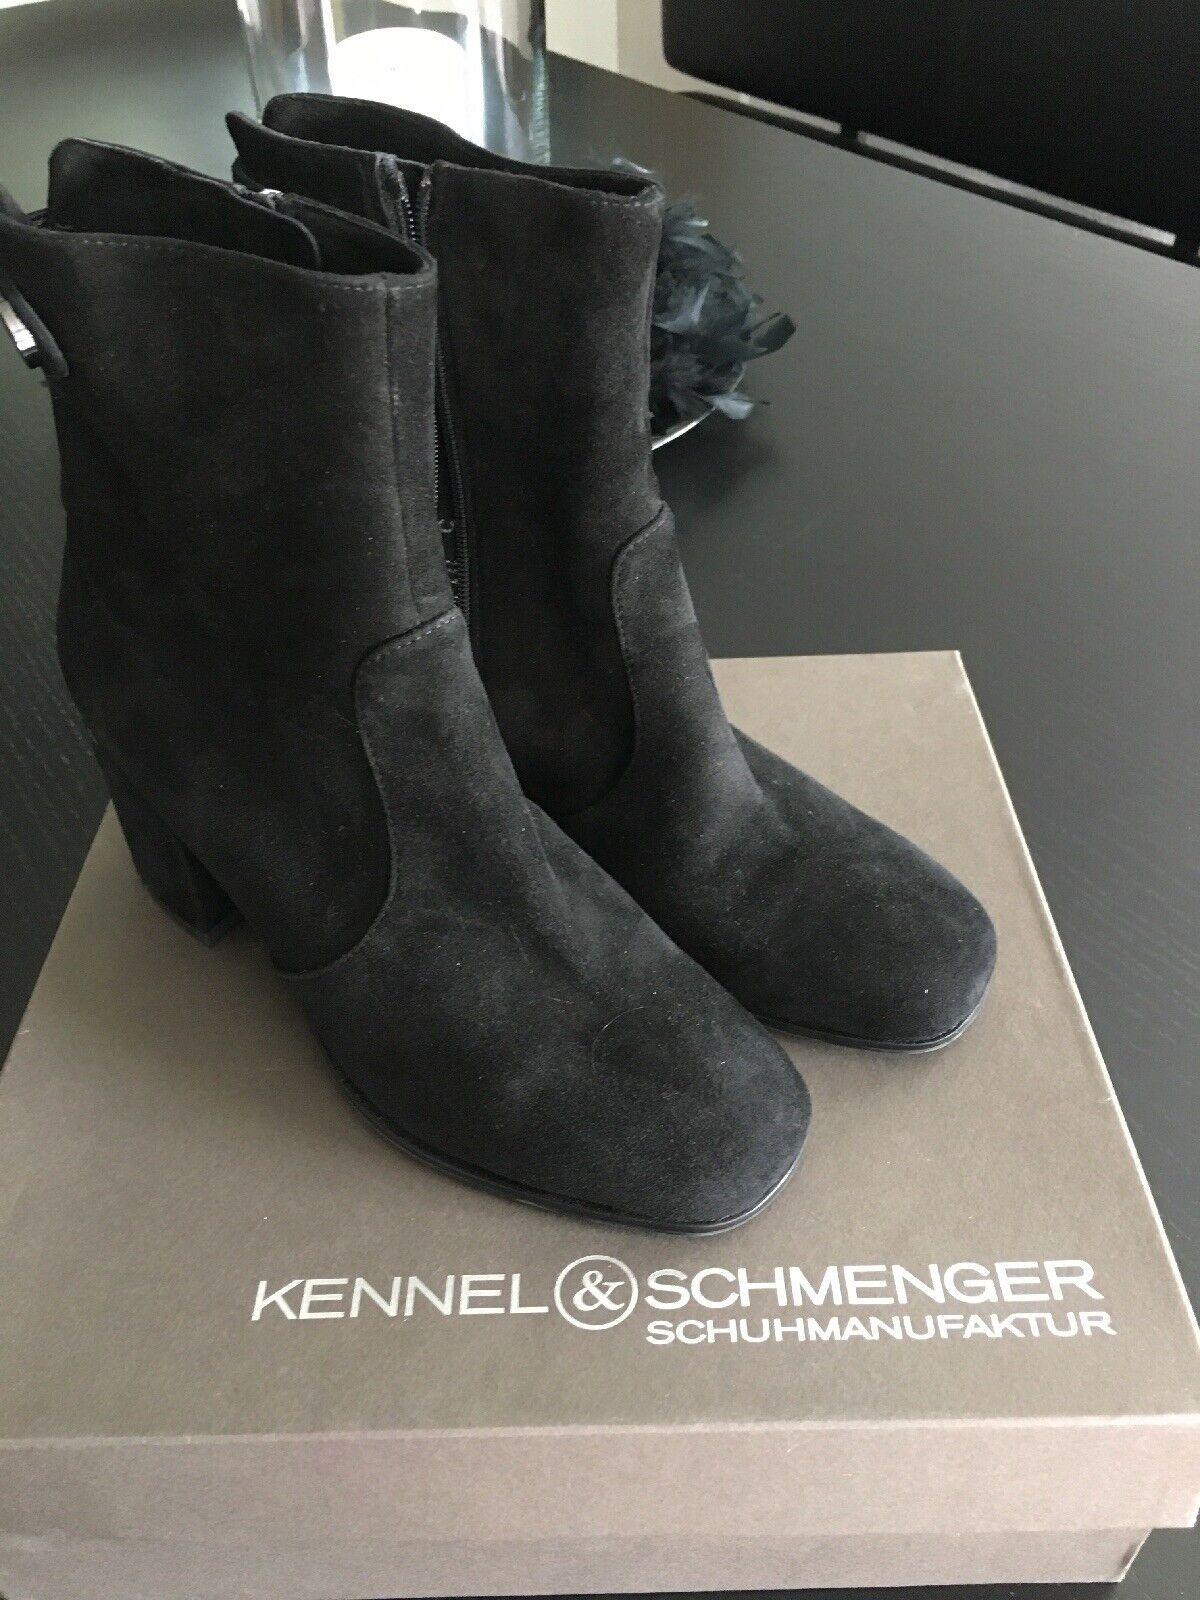 KENNEL UND SCHMENGER K&S Schuhe Stiefeletten Leder Schwarz Gr.38(5) TOP